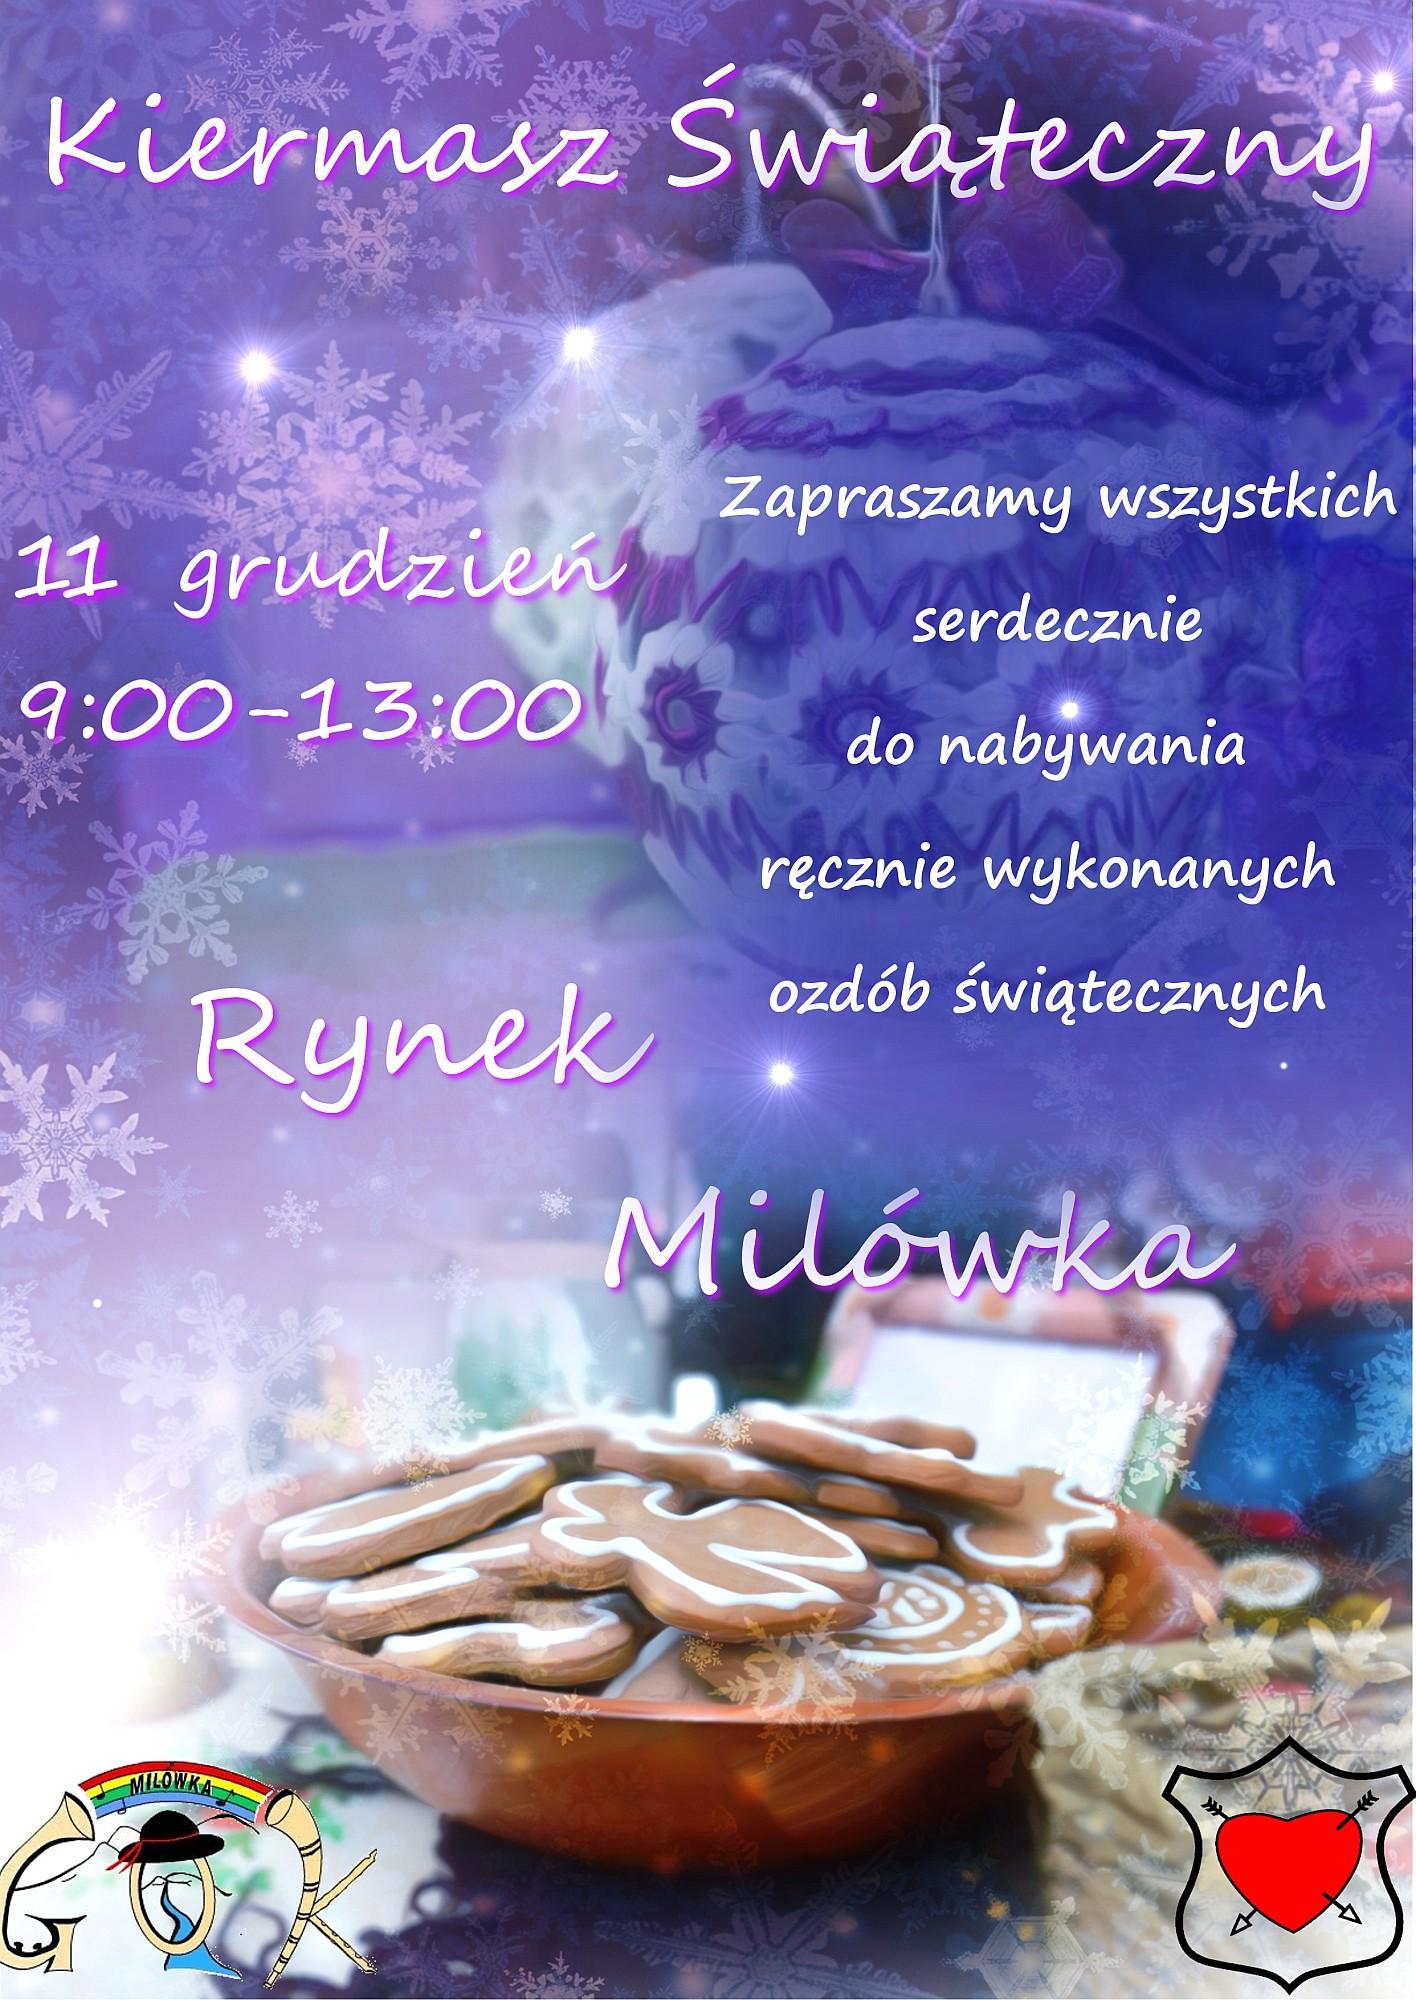 Kiermasz Świąteczny 11 grudnia